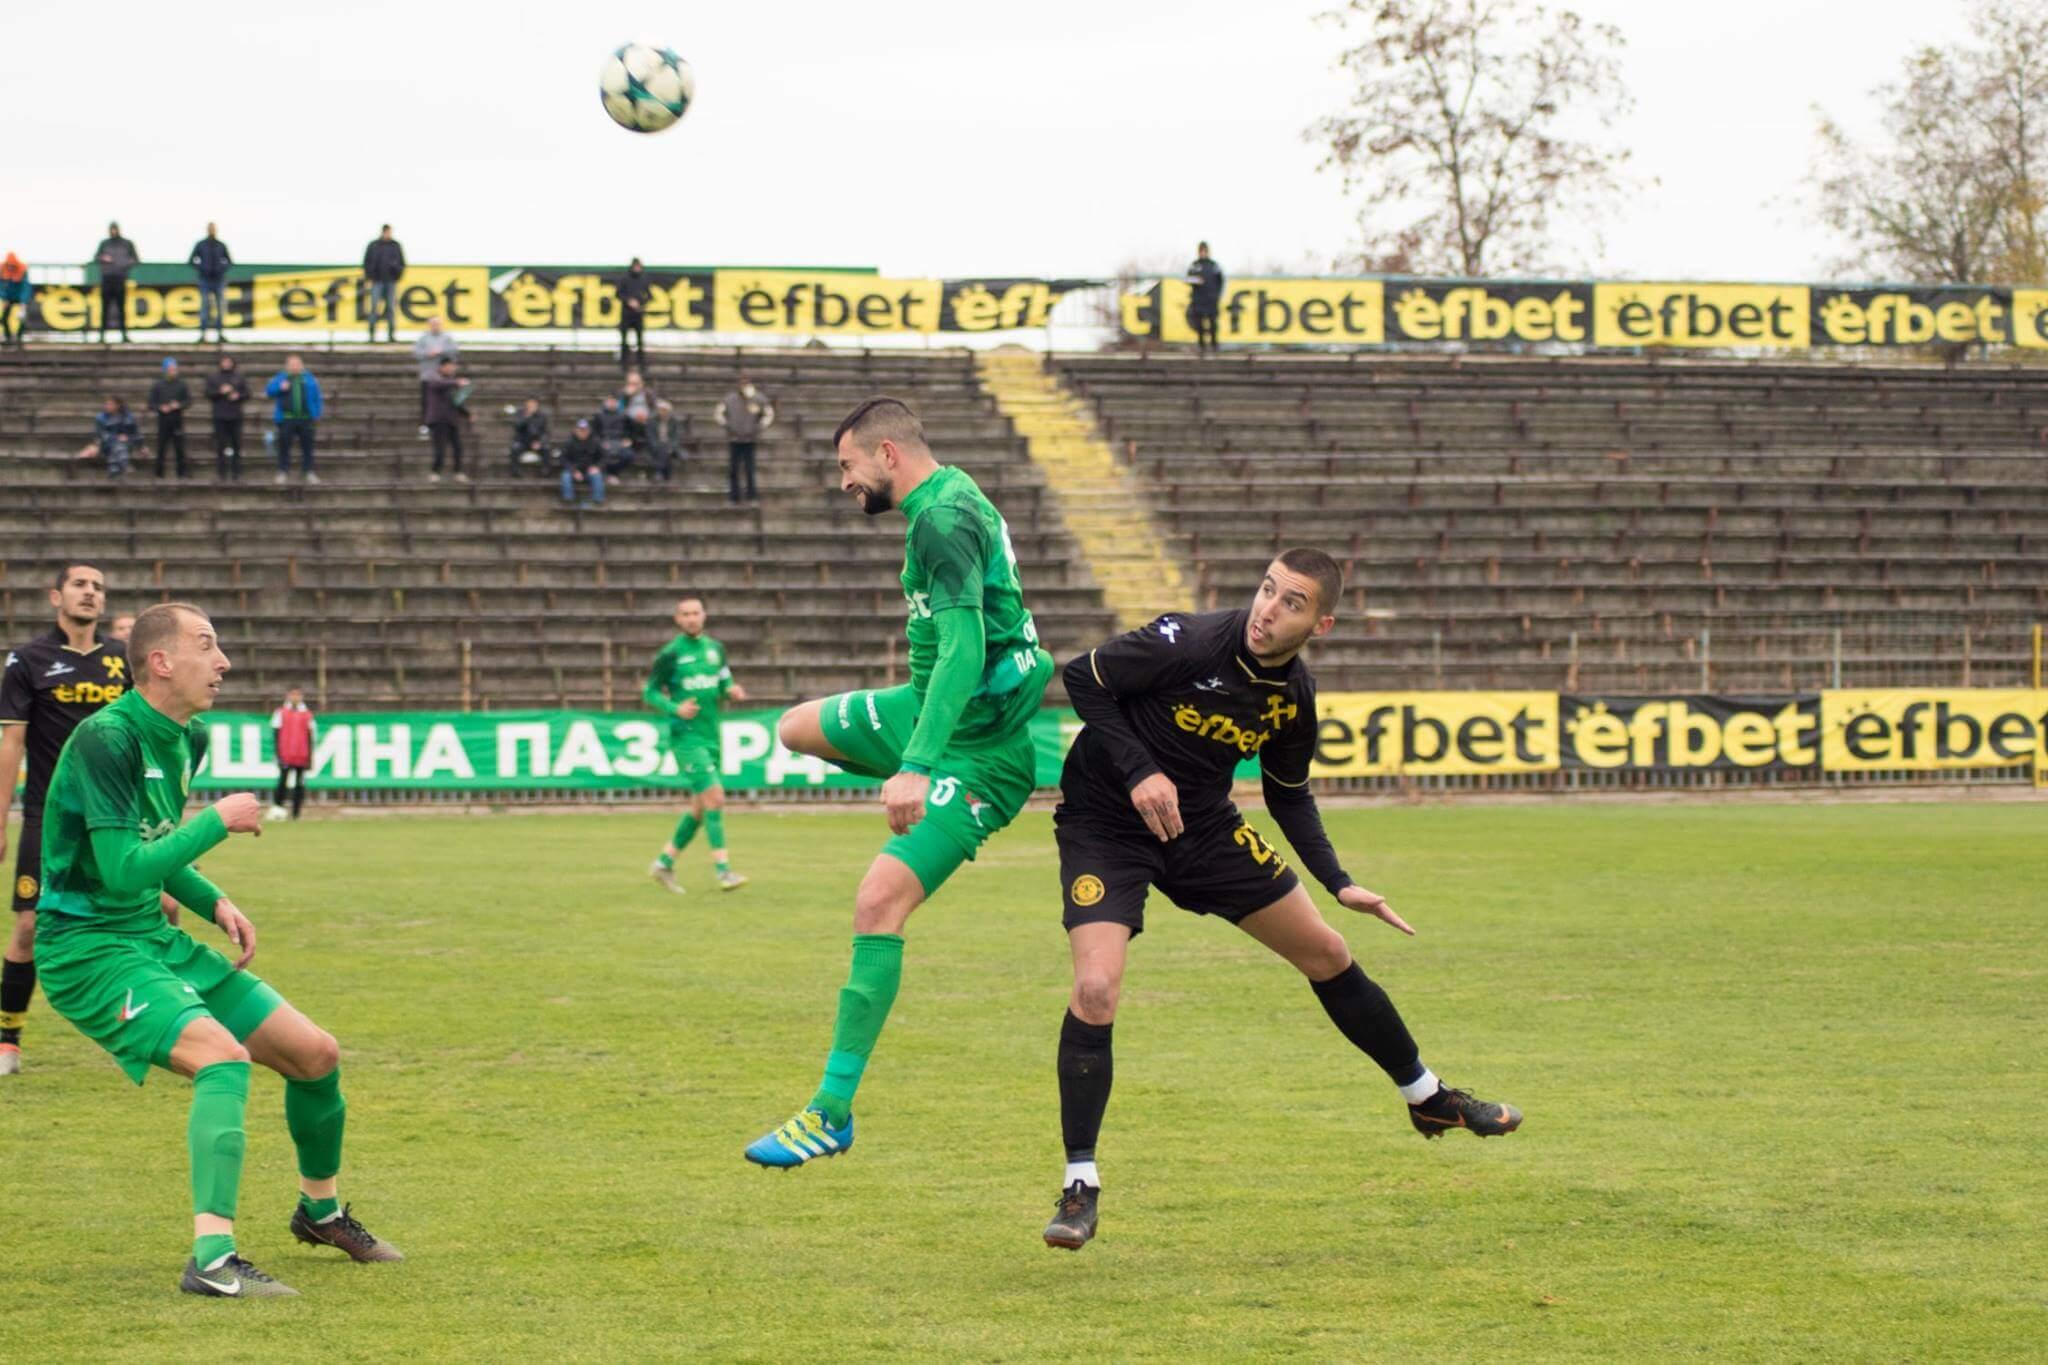 Тодор Чаворски (с черния екип) отбеляза гол на Хебър, когато играеше за Миньор (Перник). През есента на 2018-та той вкара изравнителния гол за 2:2, а мачът завърши 3:2 за домакините от Хебър.